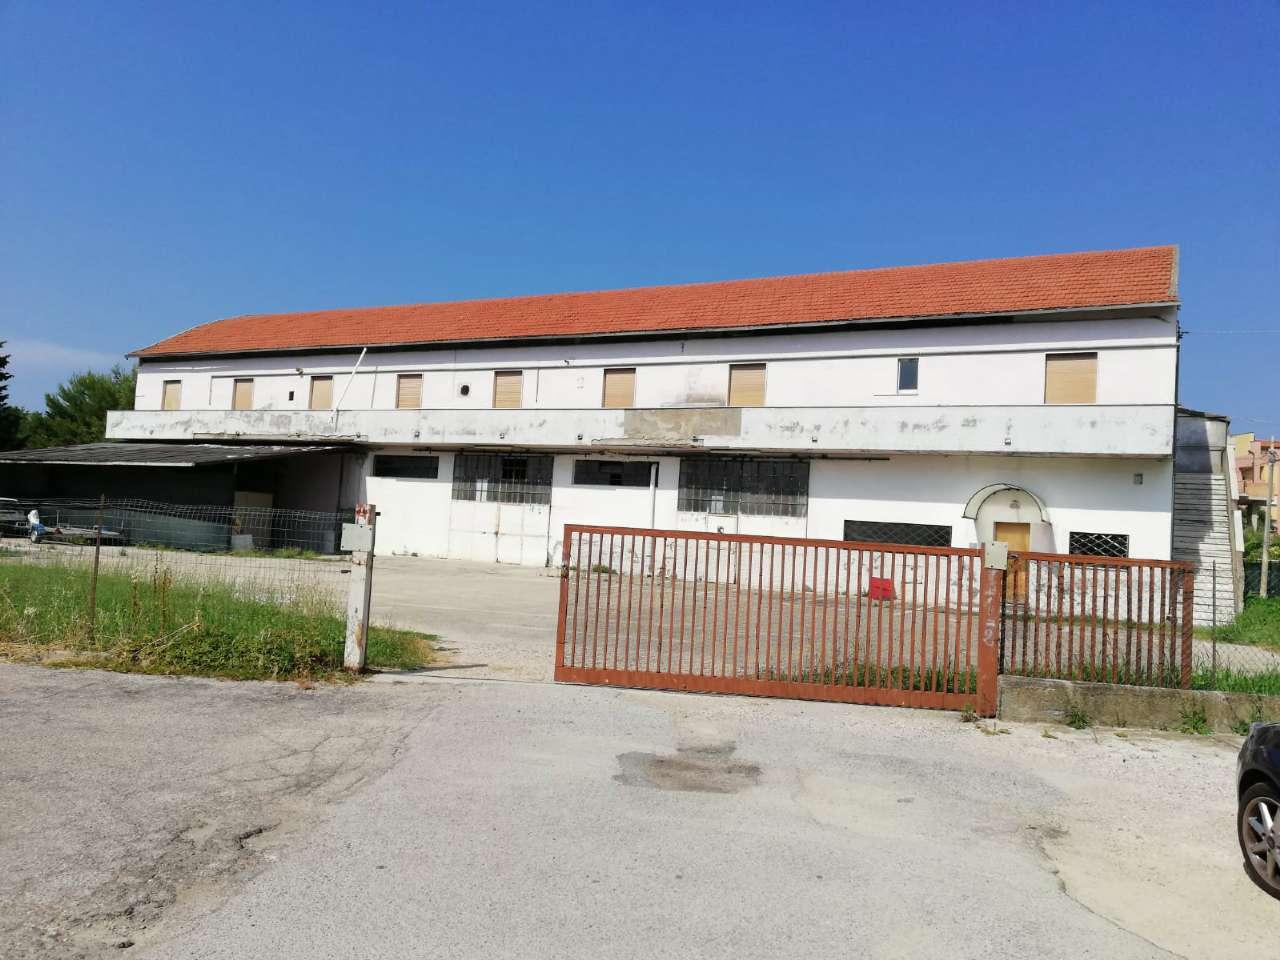 Capannone in affitto a Montesilvano, 9 locali, prezzo € 2.500 | CambioCasa.it